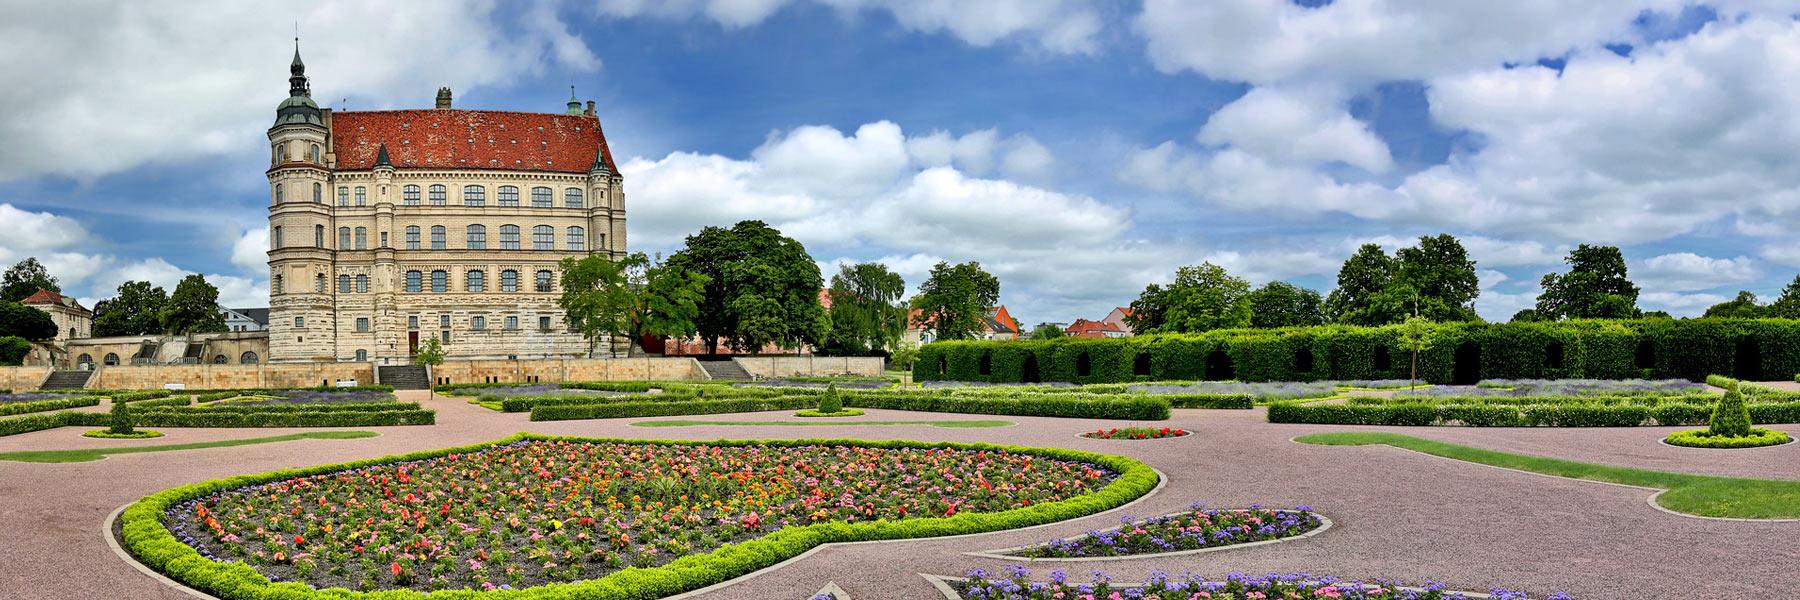 Schloss Schlossgarten - Güstrow